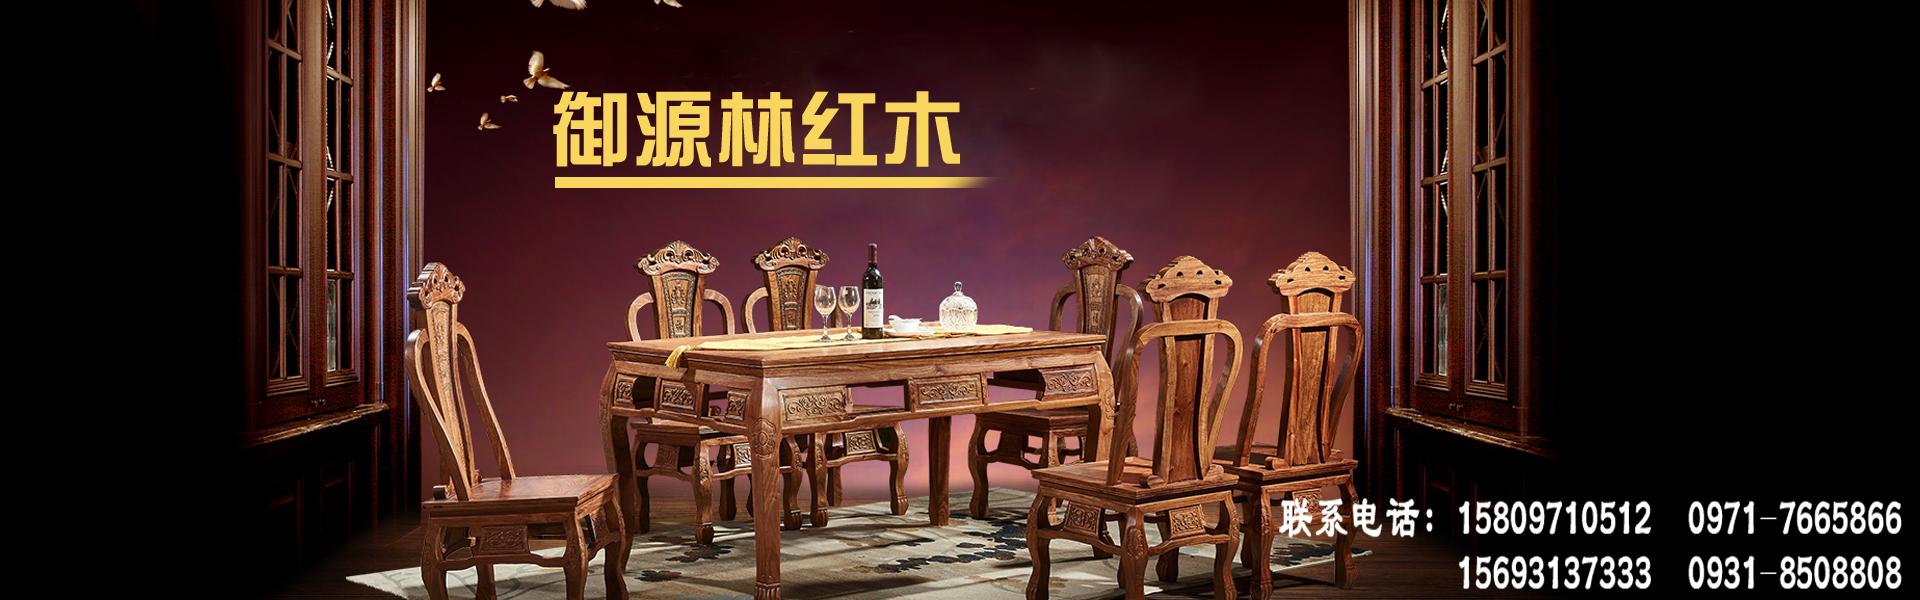 青海红木家具销售